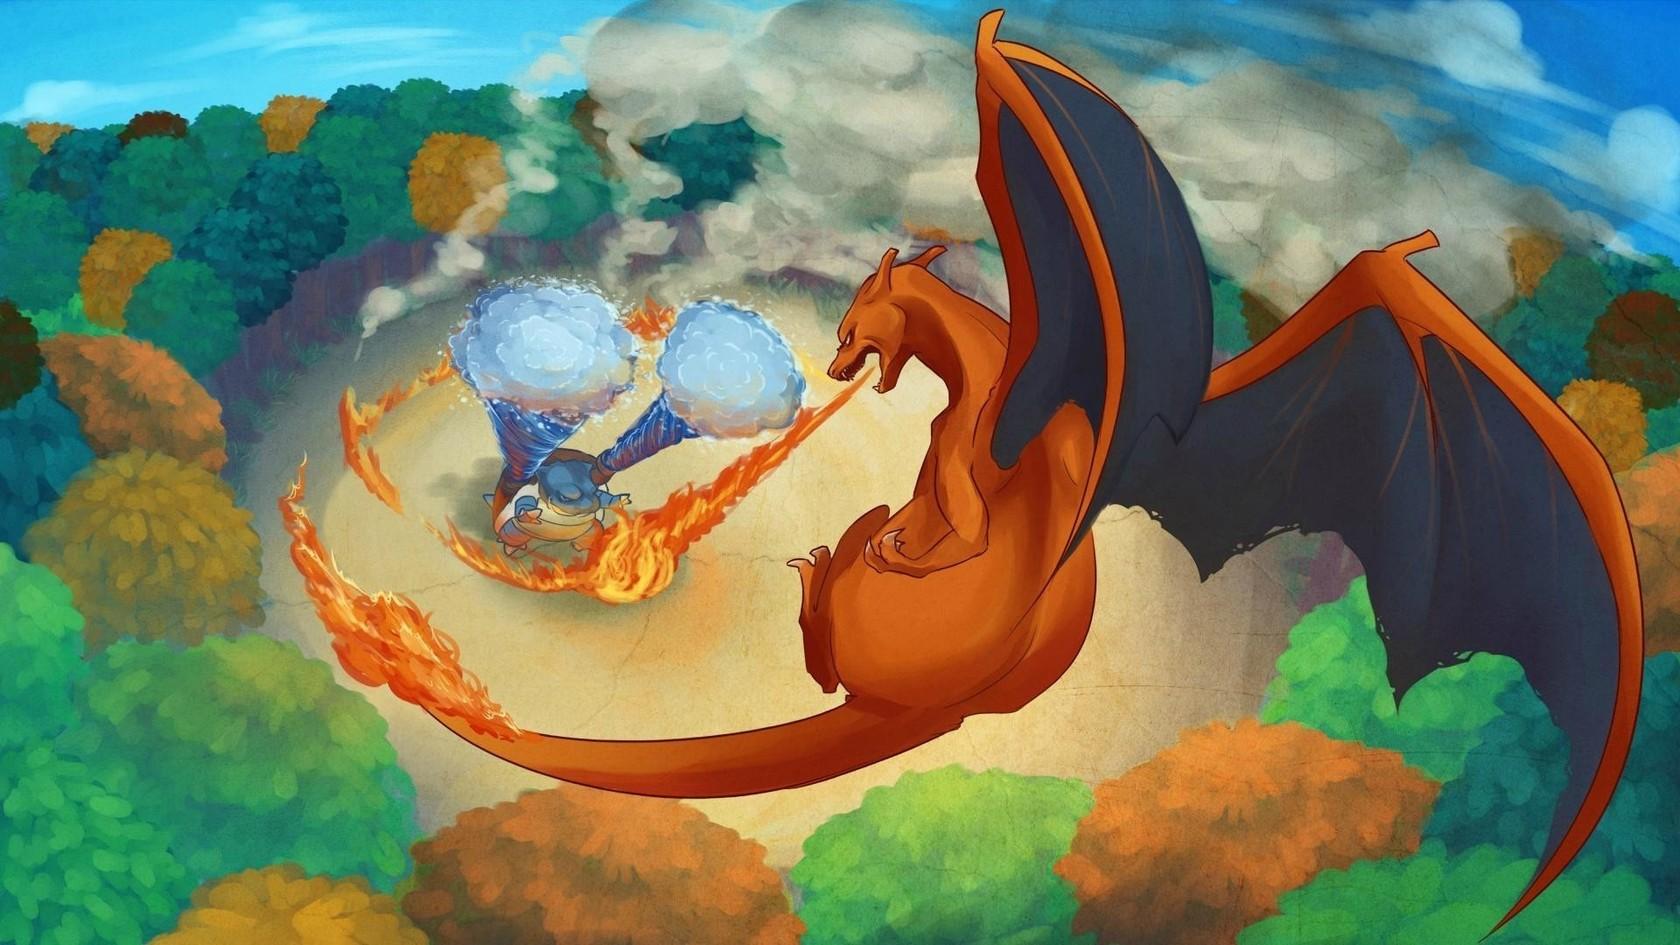 Pokemon wallpaper 45